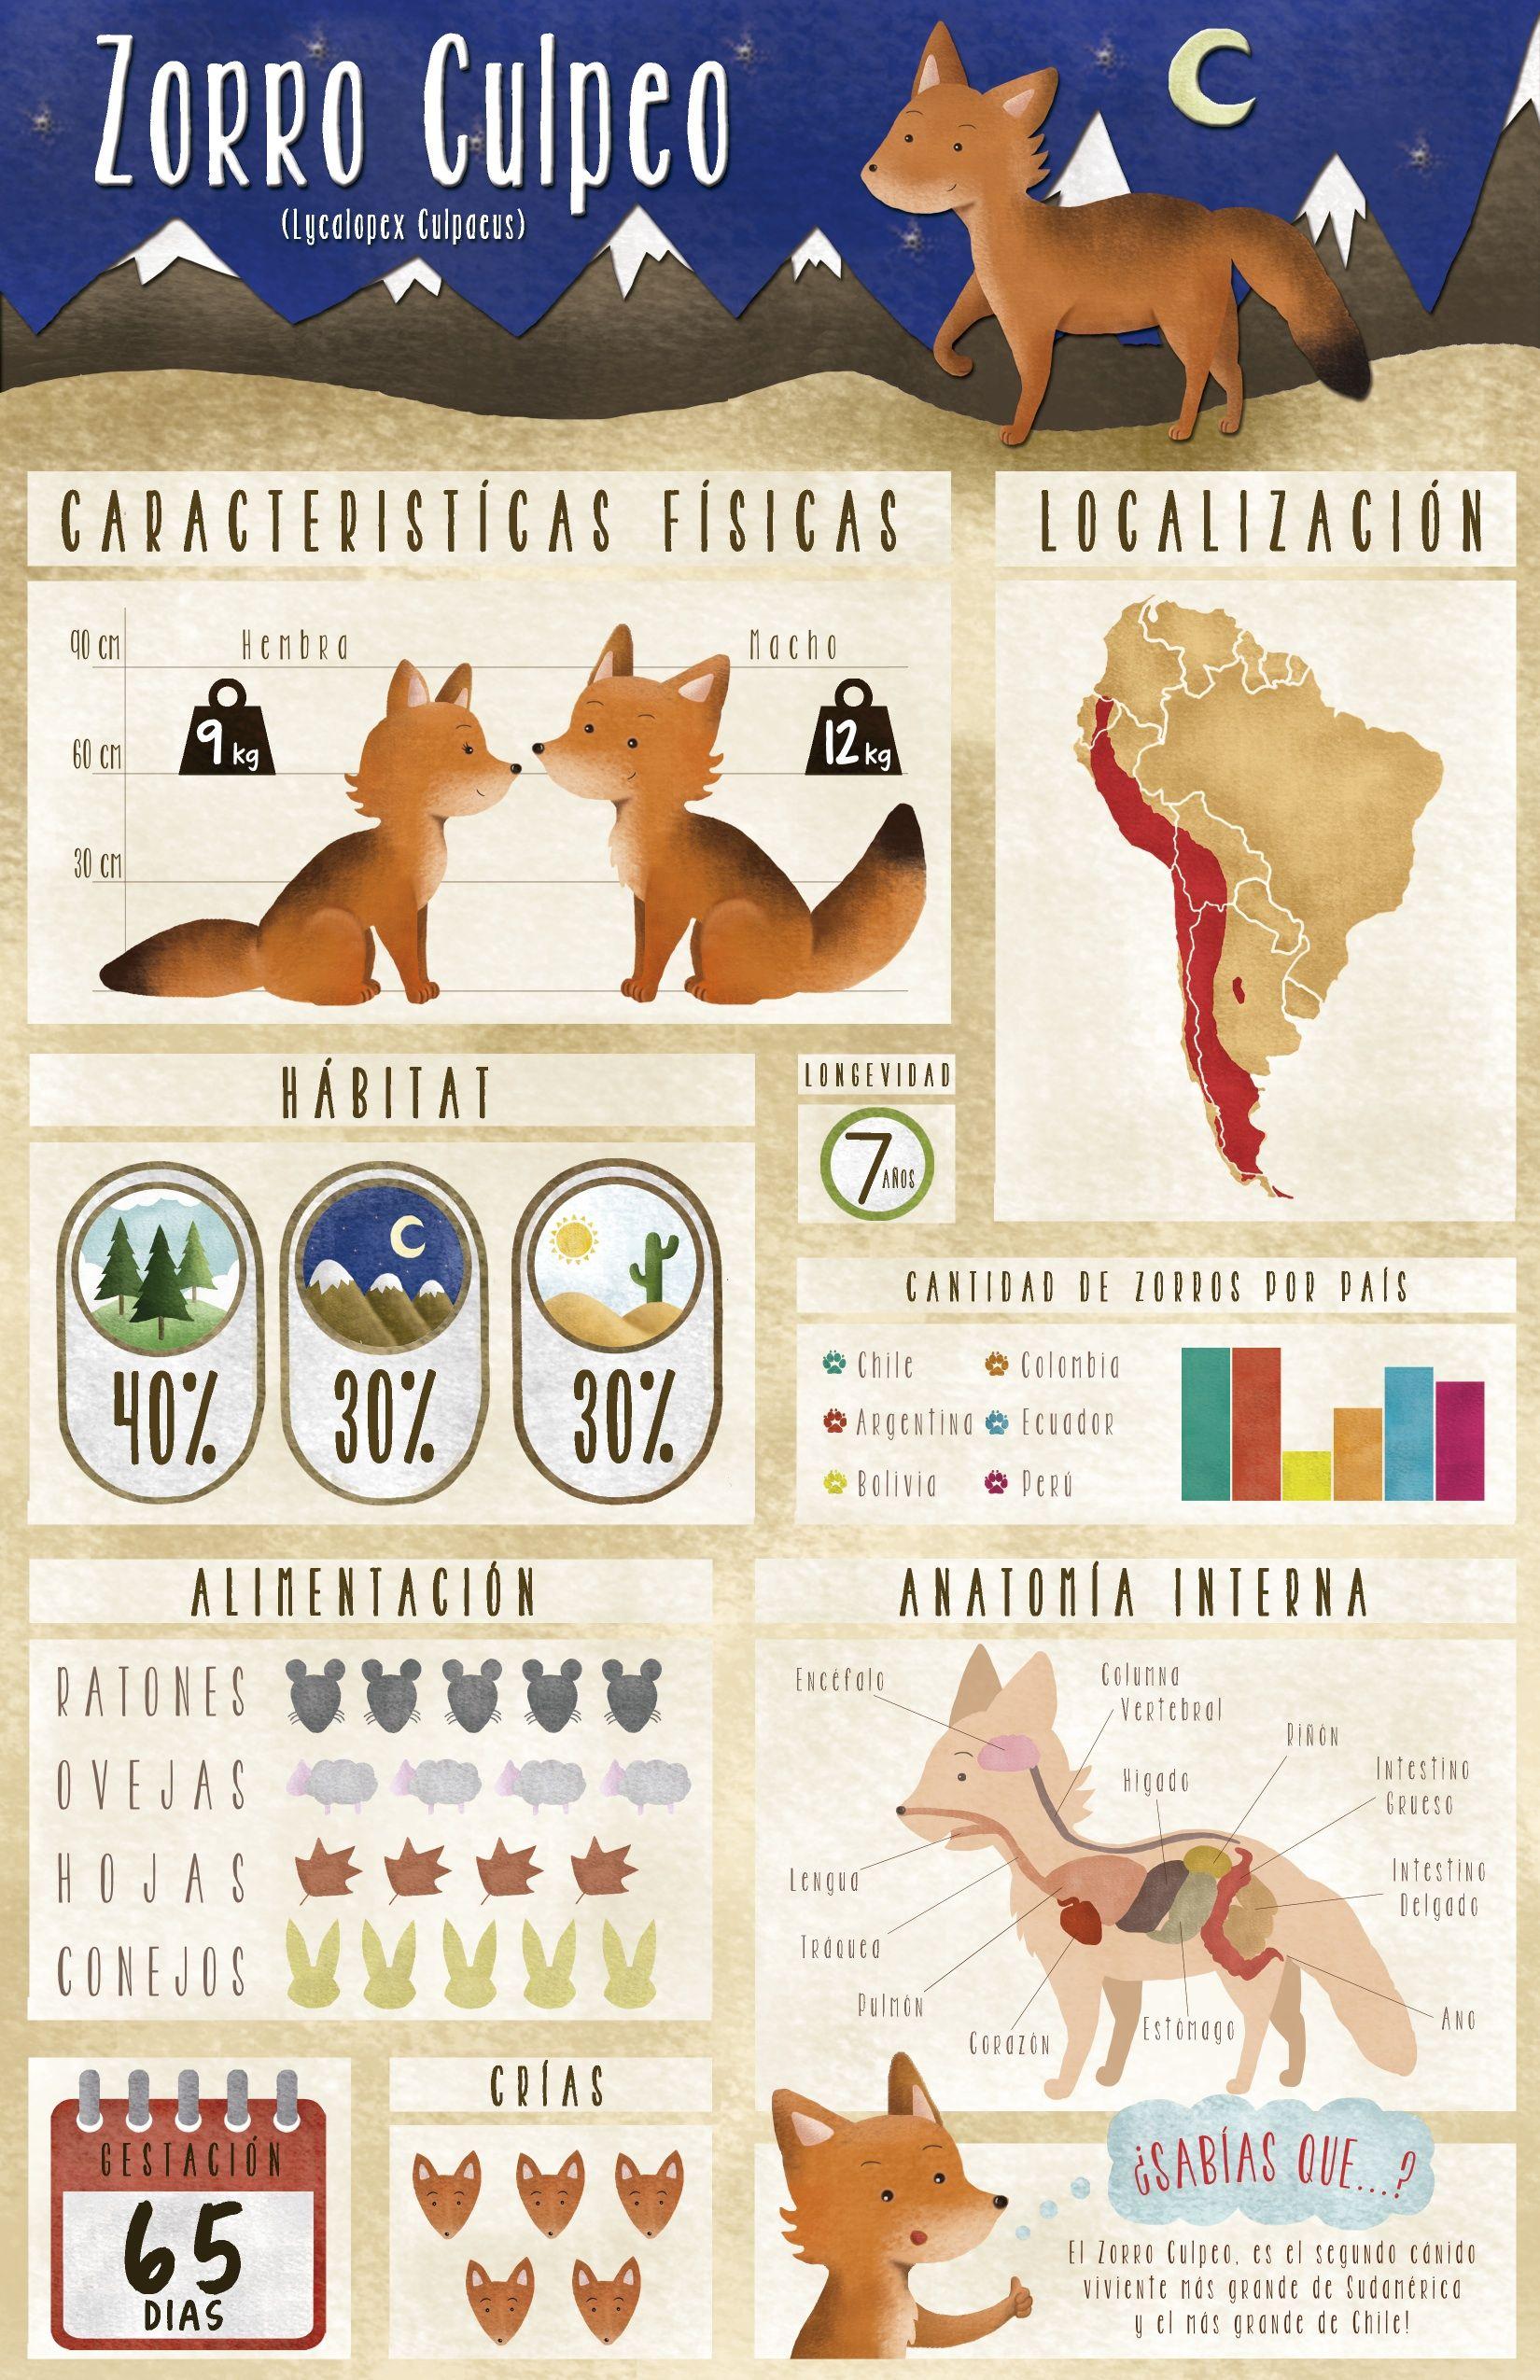 Infografia Zorro Culpeo By Vale Wilson Www Behance Net